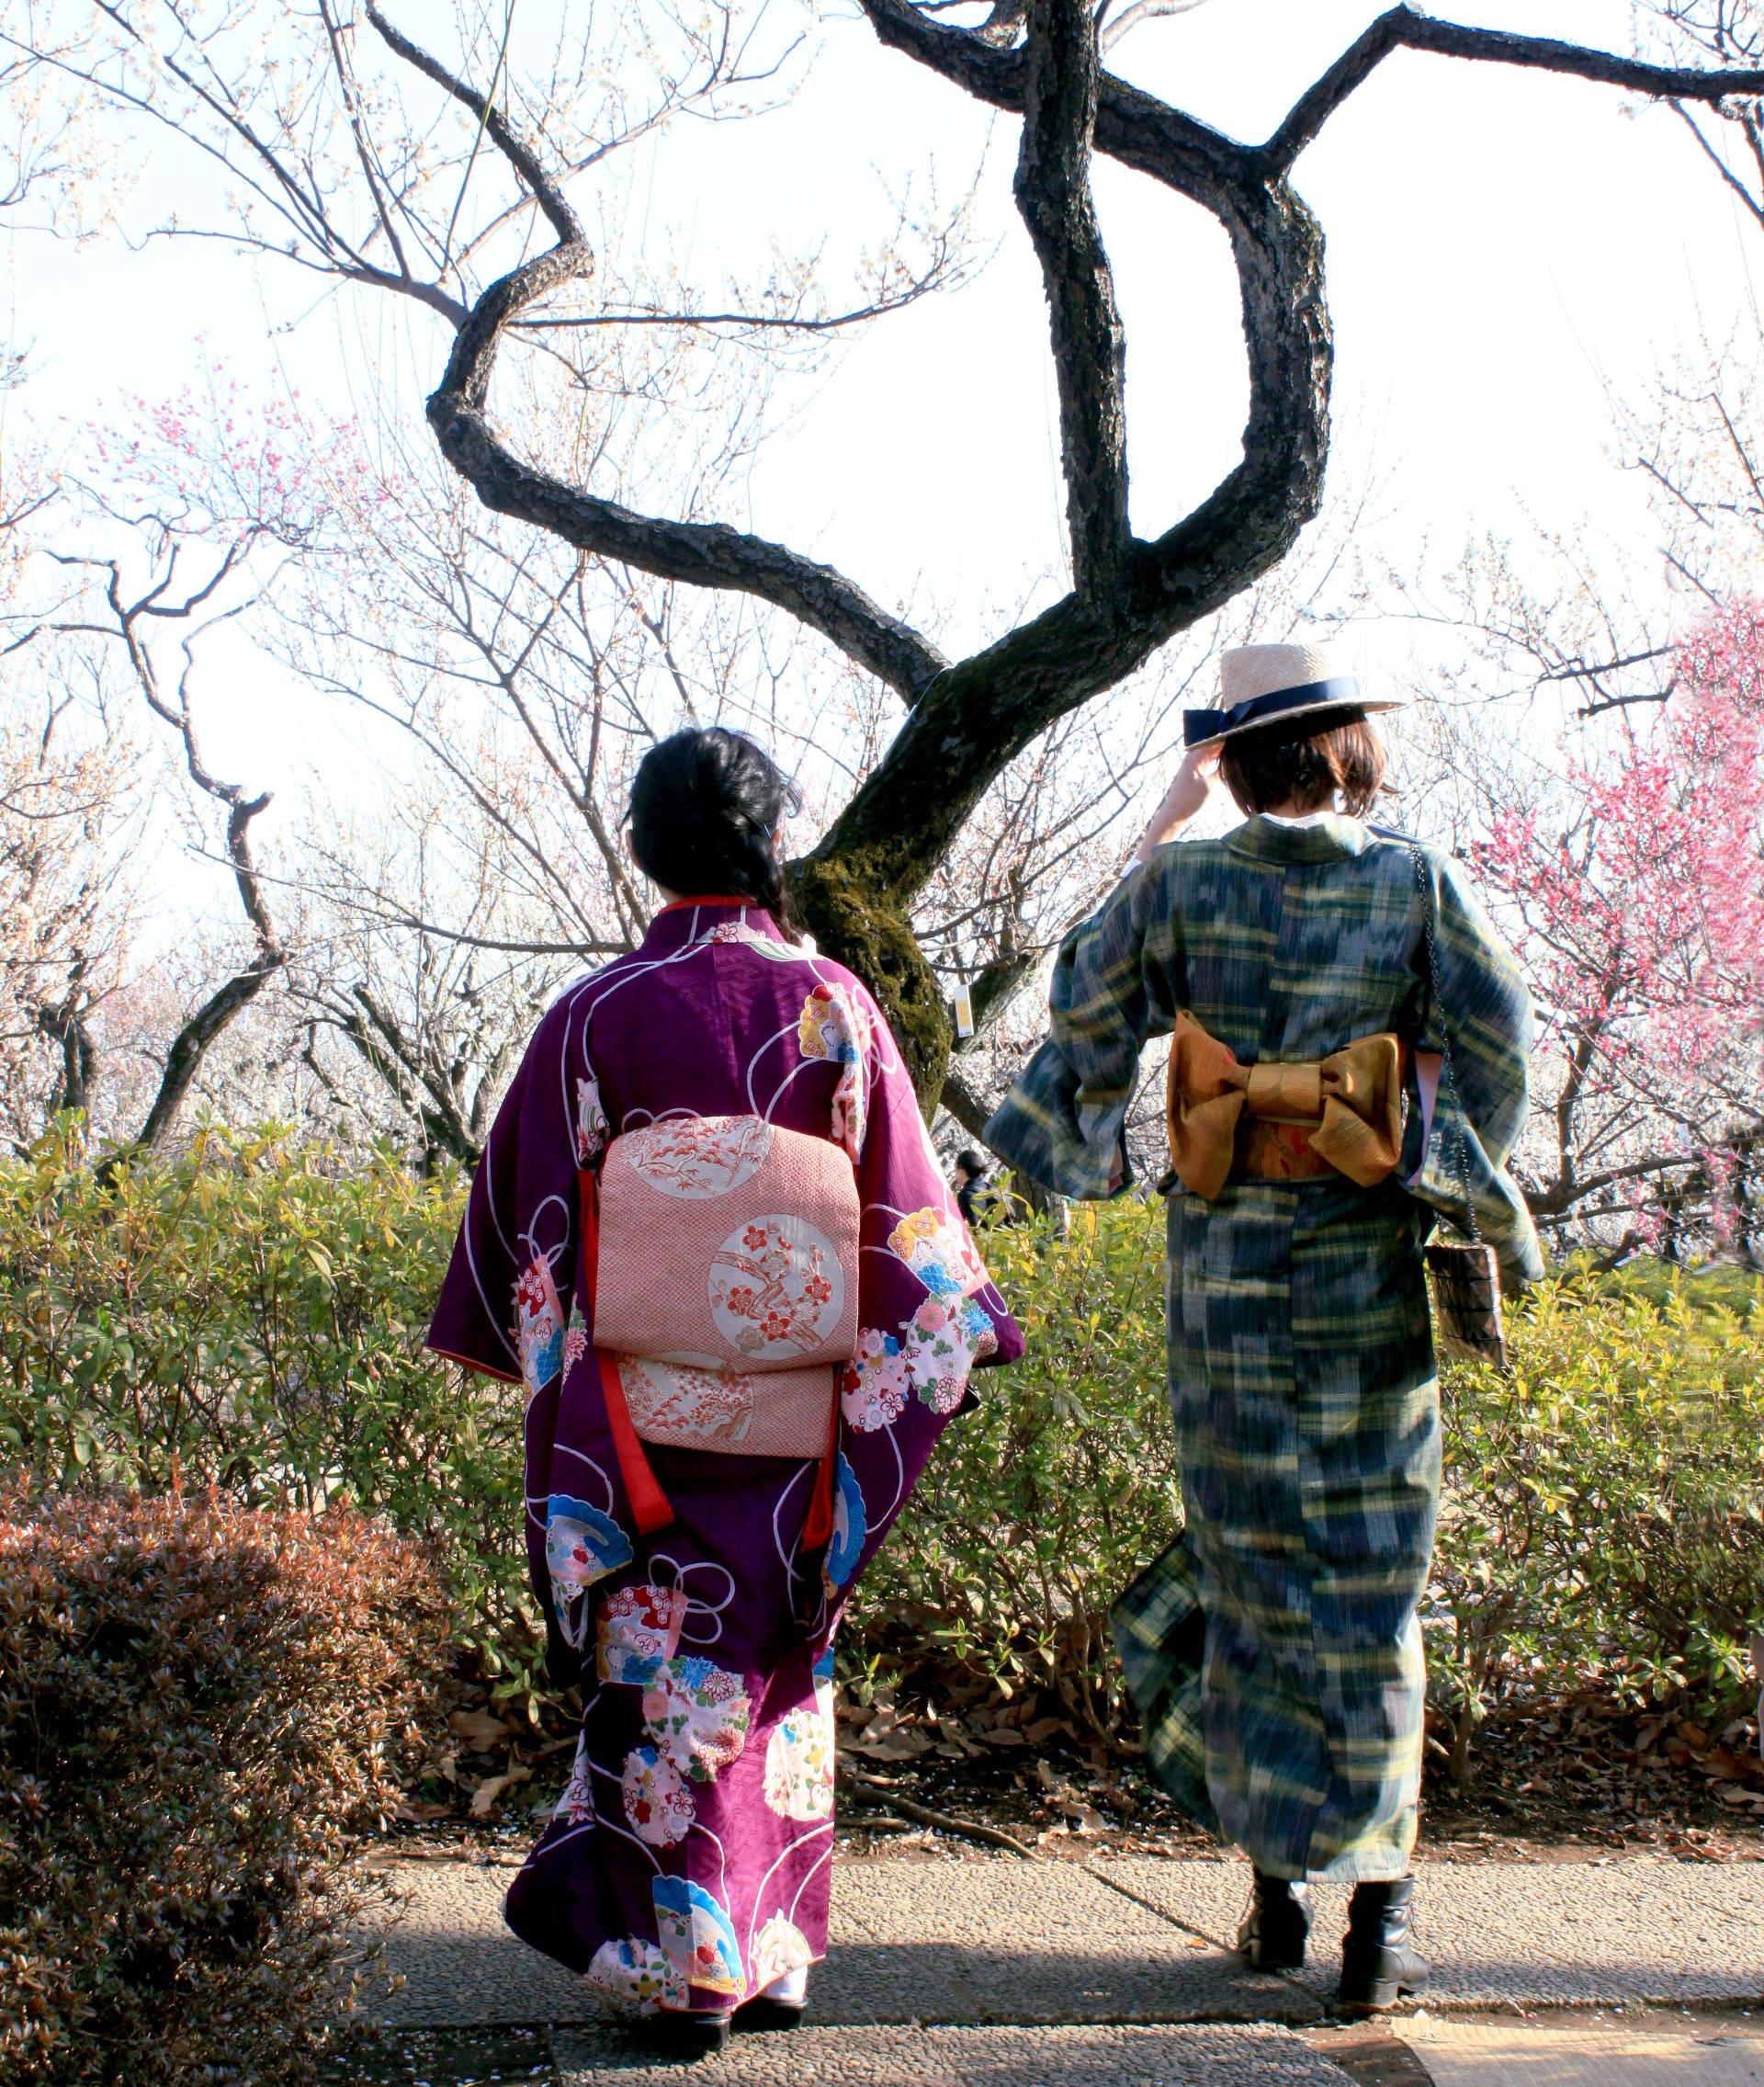 tokio japonia tokyo japan park kwitnacawisnia kwiaty plumblossom kwitnacasliwka kimono springinjapan wiosnawjaponii cherryblossom iglawpodrozy